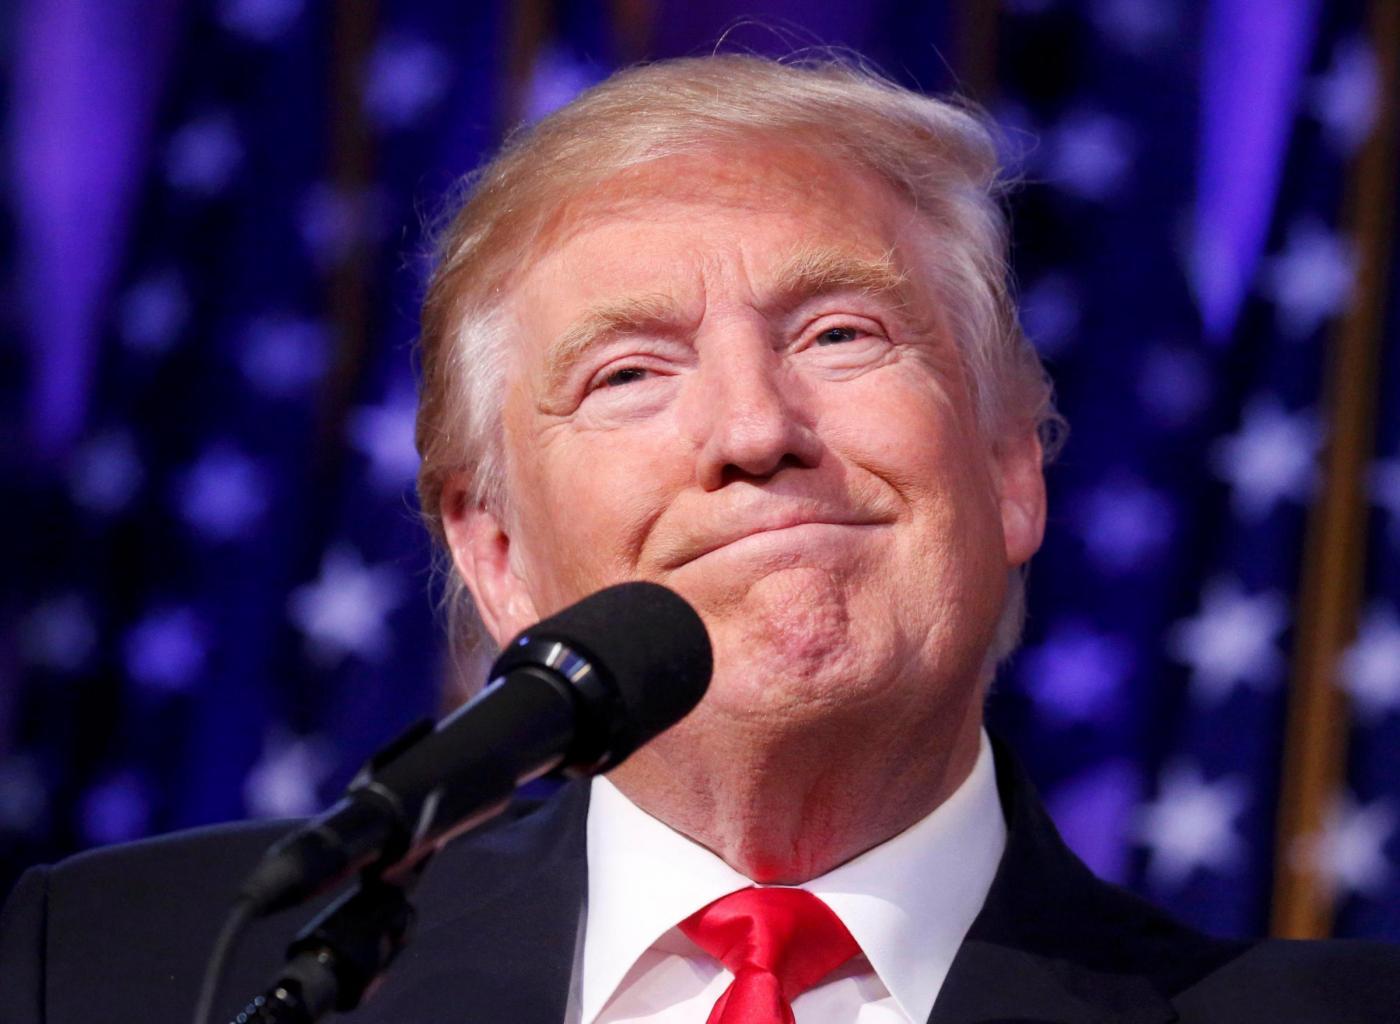 Usa 2016, Donald Trump presidente Stati Uniti